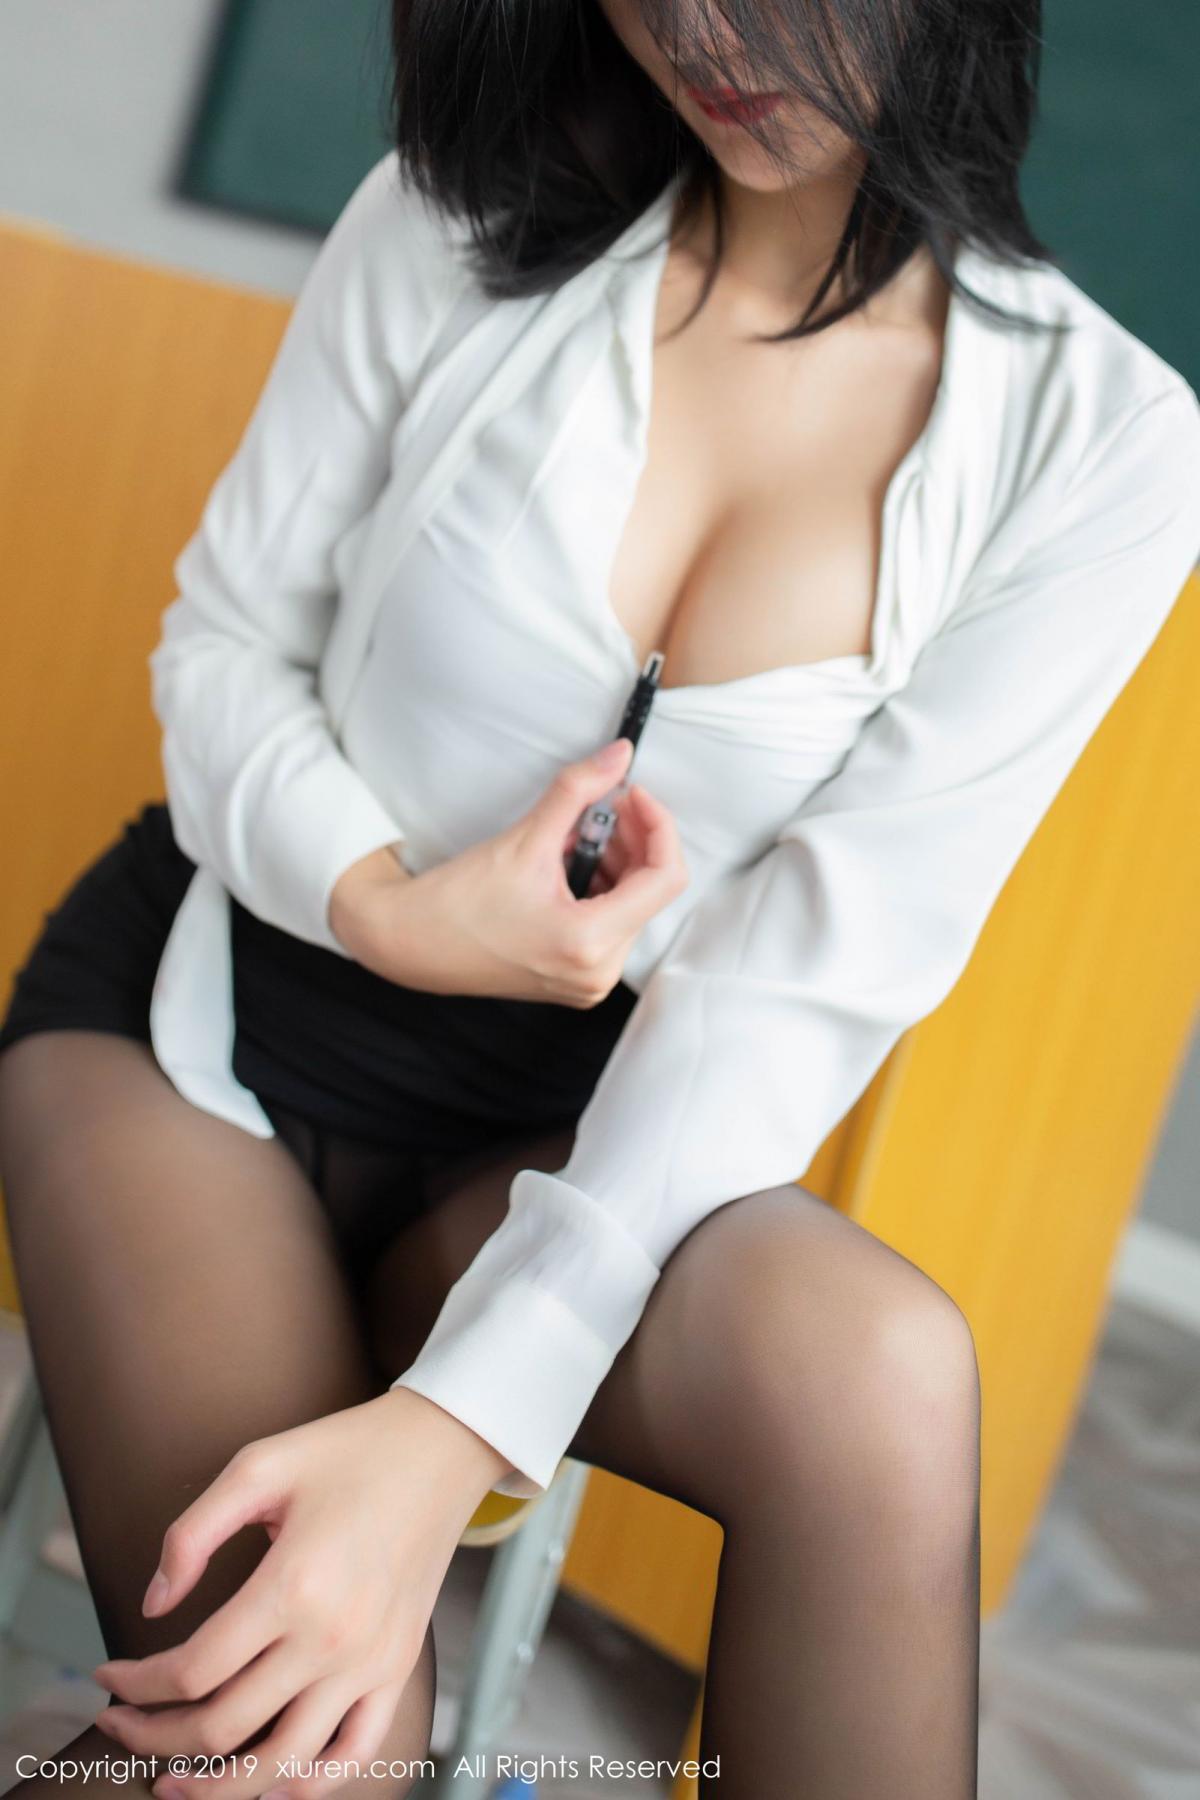 [XiuRen] Vol.2043 Jiu Shi A Zhu - Hotgirl.biz